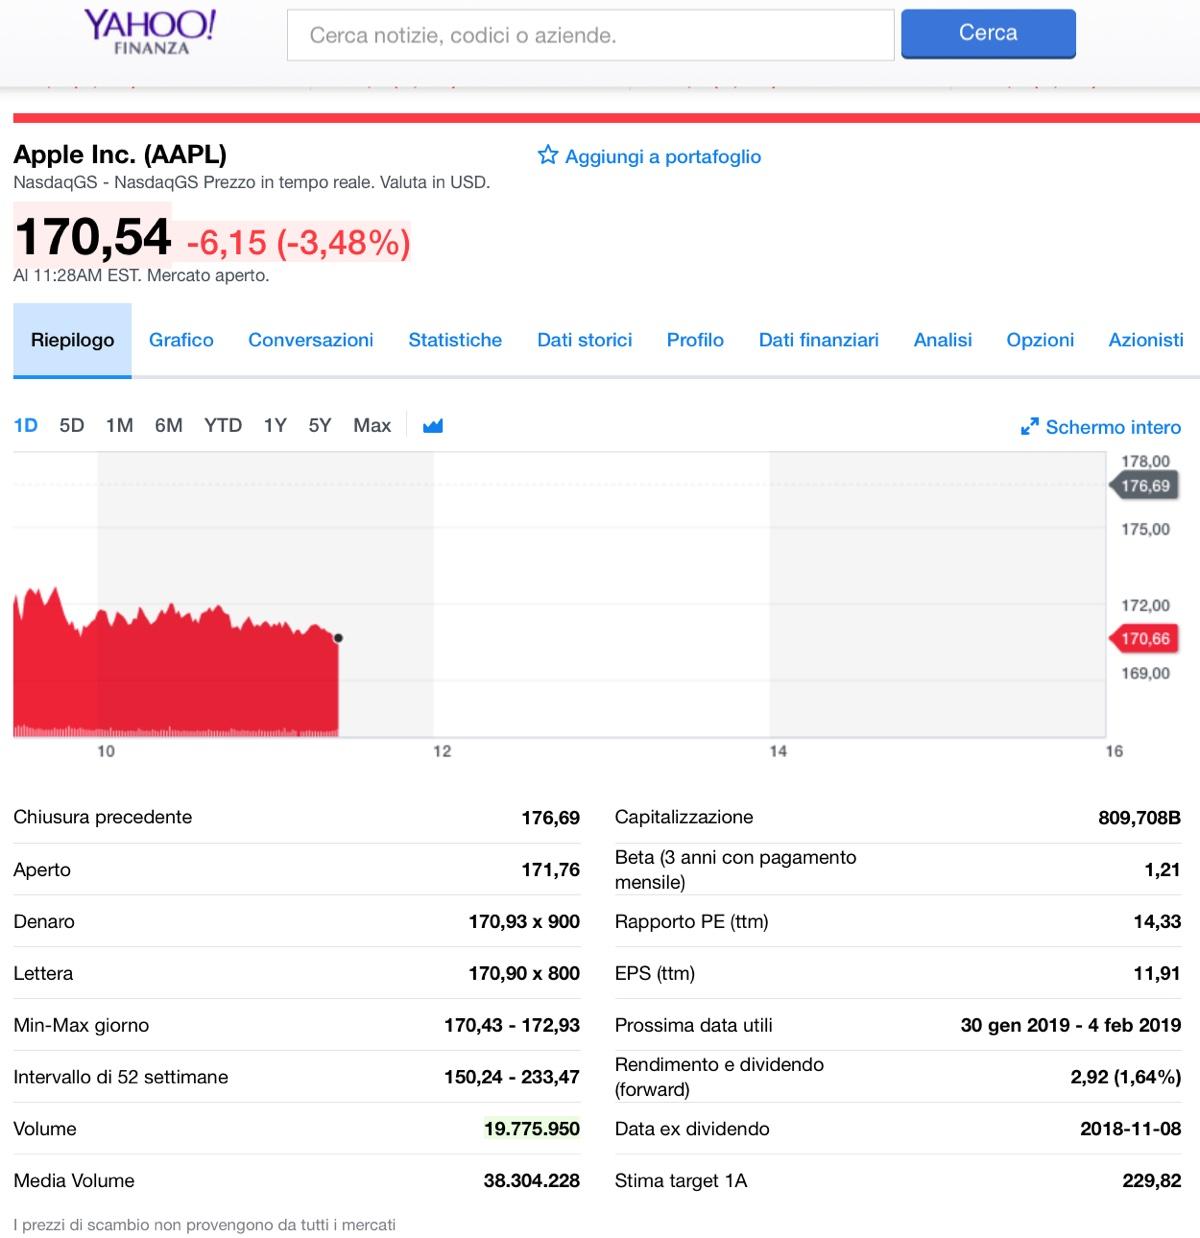 AAPL in rosso, le azioni Apple perdono ancora, in un mese meno 24%